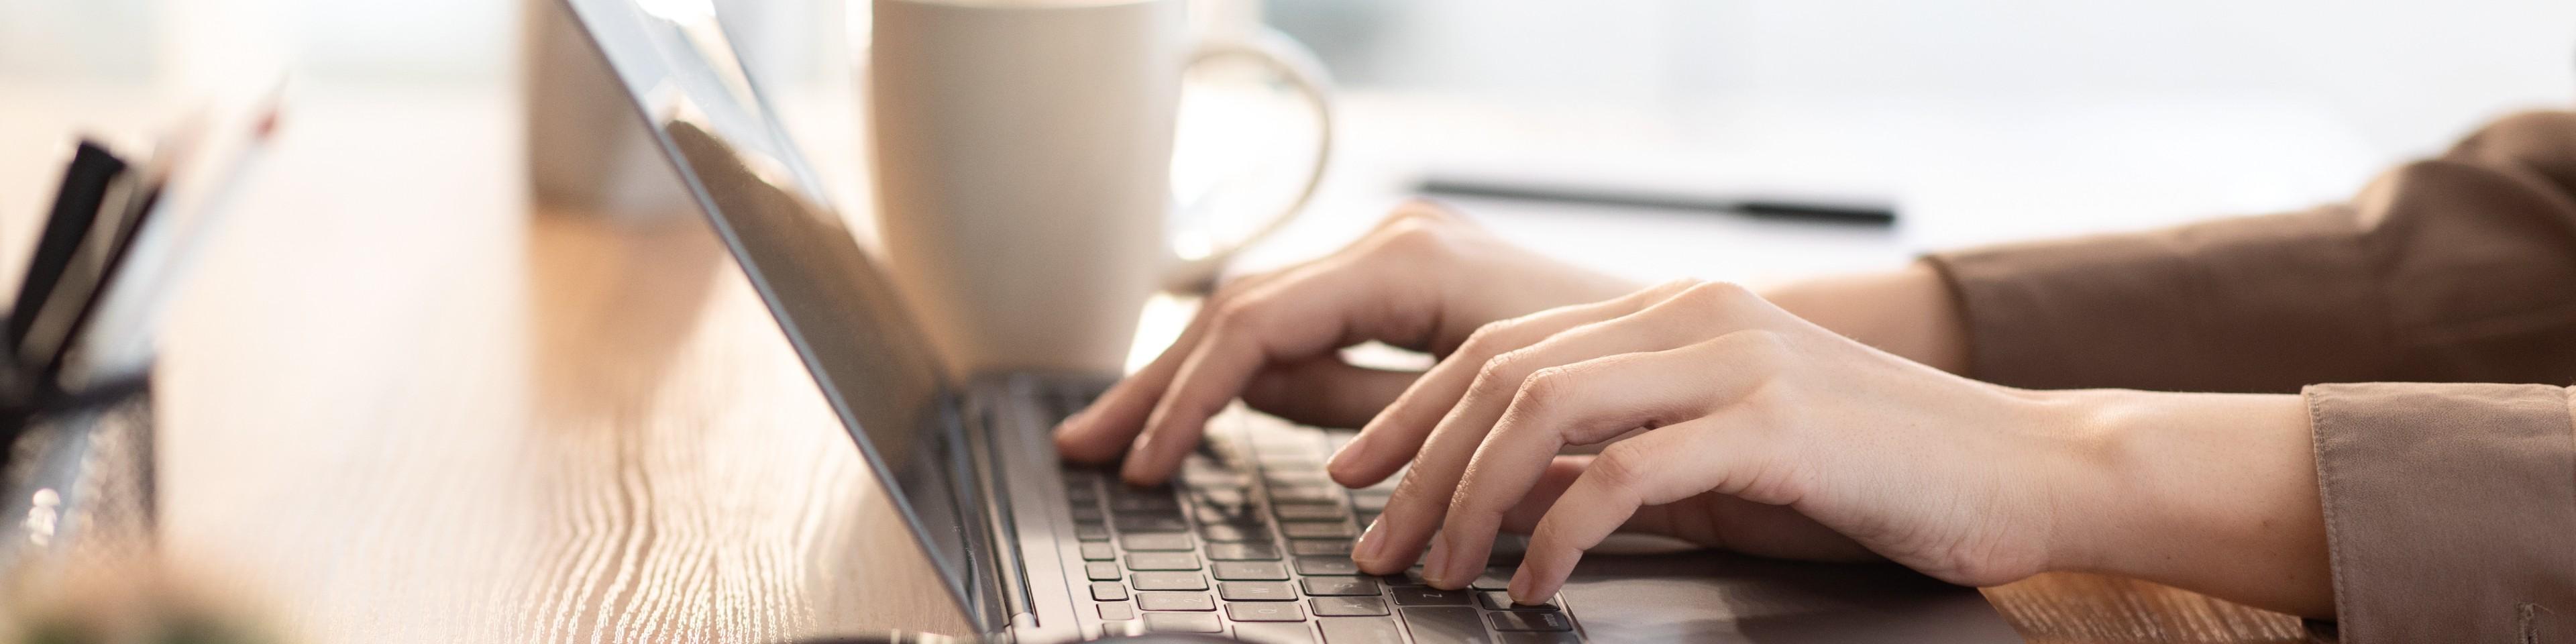 digitalizzare-aziende-studio